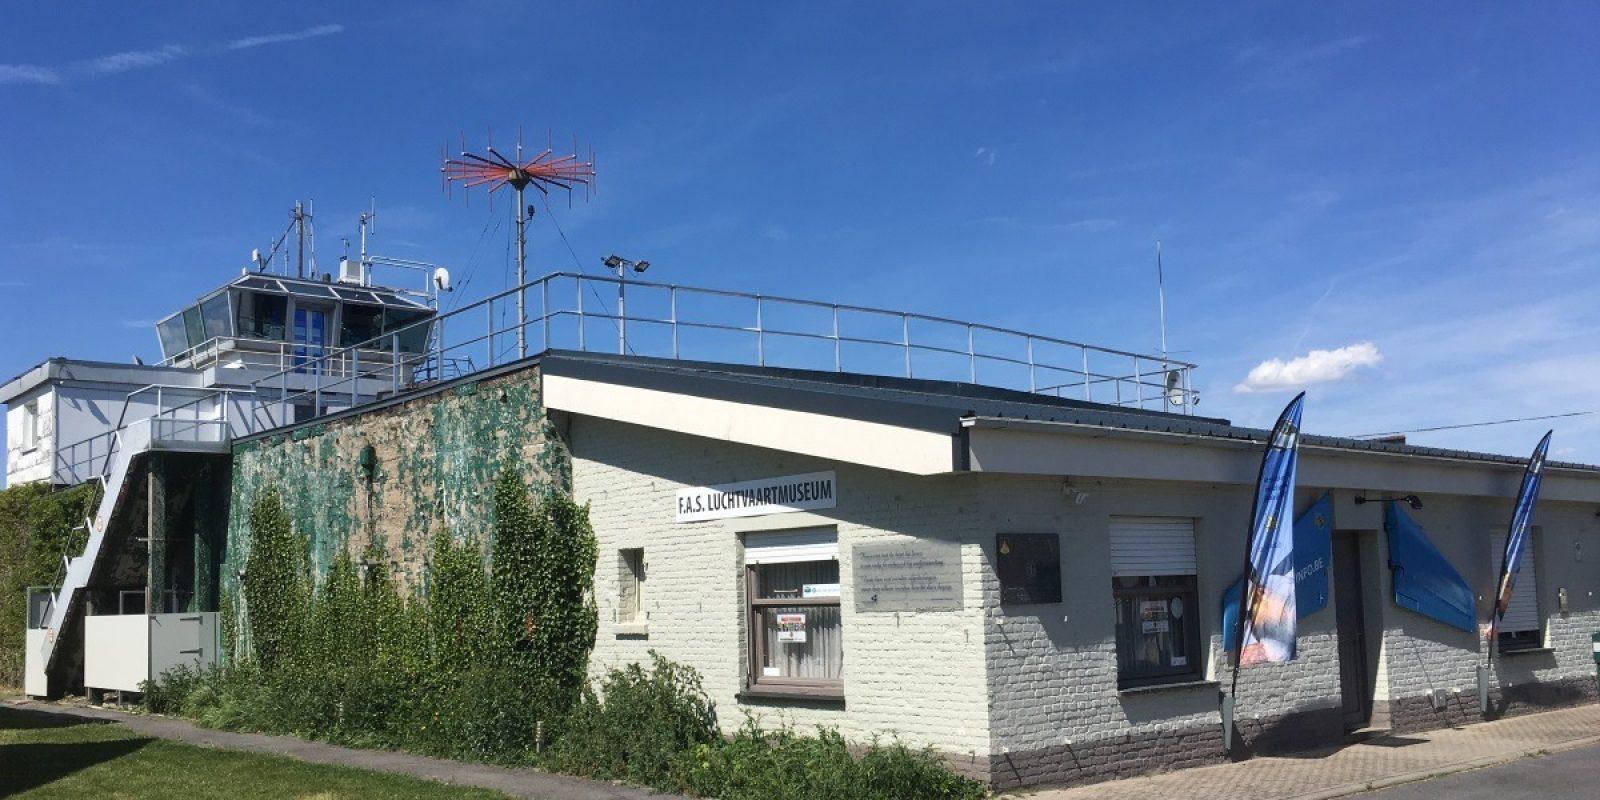 Het FAS-museum in Wevelgem is gevestigd in een vroegere hospitaalbunker. (Foto Harald De Brabander)